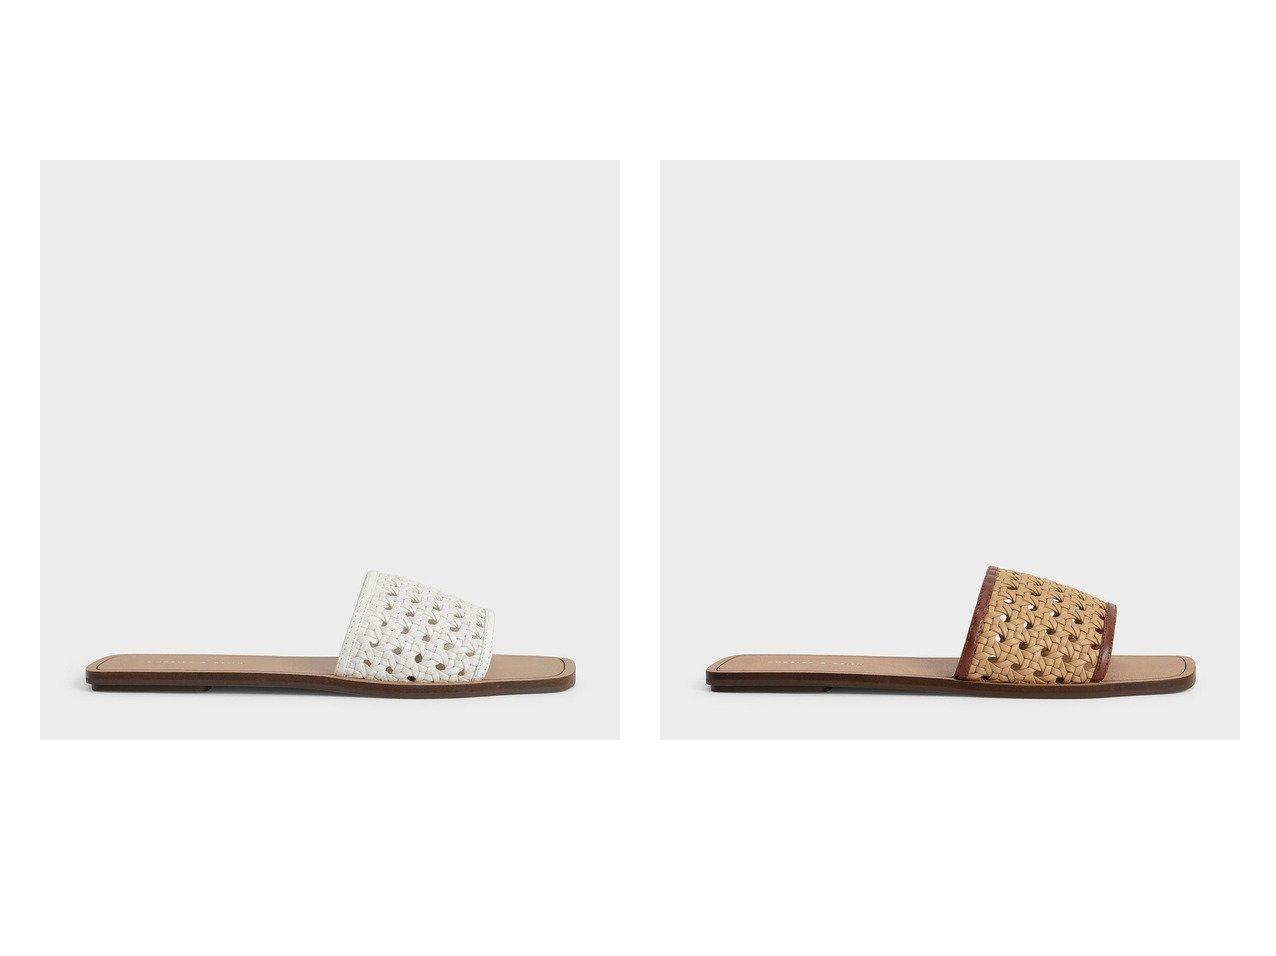 【CHARLES & KEITH/チャールズ アンド キース】の【2021 SUMMER 新作】ウーブンスライド サンダル Woven Slide Sandals 【シューズ・靴】おすすめ!人気、トレンド・レディースファッションの通販  おすすめで人気の流行・トレンド、ファッションの通販商品 インテリア・家具・メンズファッション・キッズファッション・レディースファッション・服の通販 founy(ファニー) https://founy.com/ ファッション Fashion レディースファッション WOMEN 2021年 2021 2021春夏・S/S SS/Spring/Summer/2021 S/S・春夏 SS・Spring/Summer おすすめ Recommend サンダル トレンド フラット メッシュ 夏 Summer 春 Spring |ID:crp329100000053902